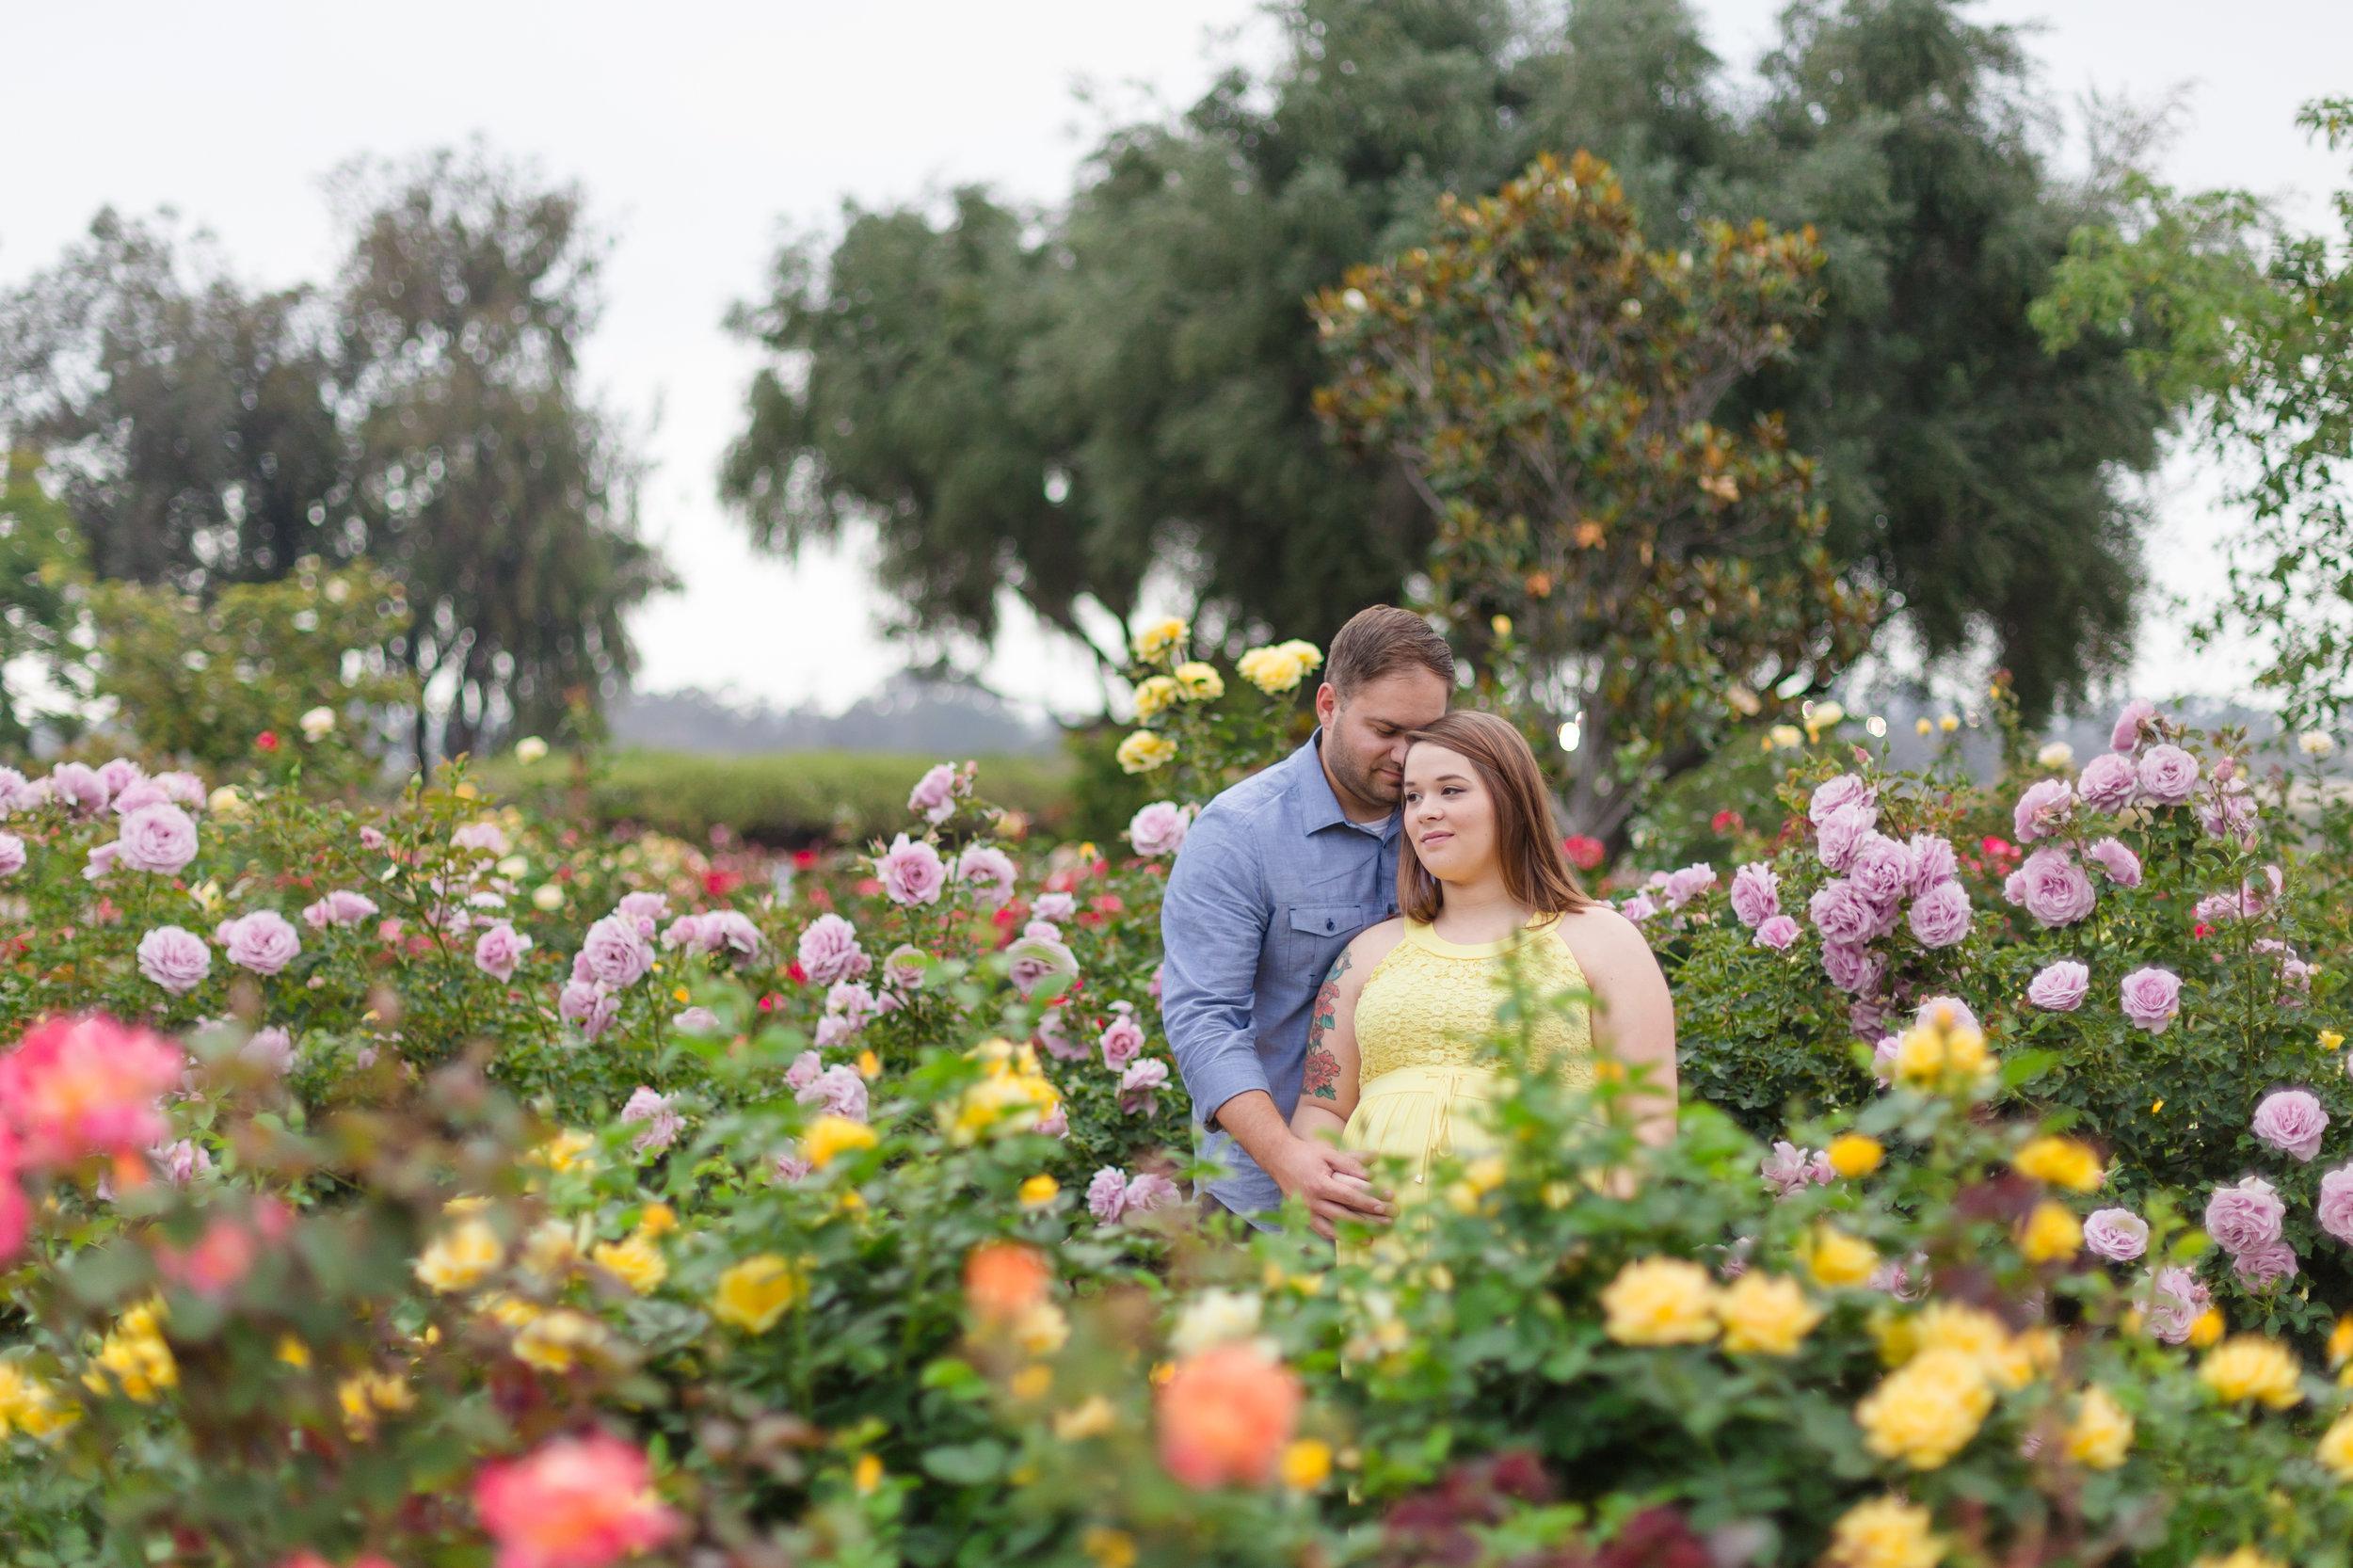 Balboa Park Rose Garden Maternity Session| Summer 2016